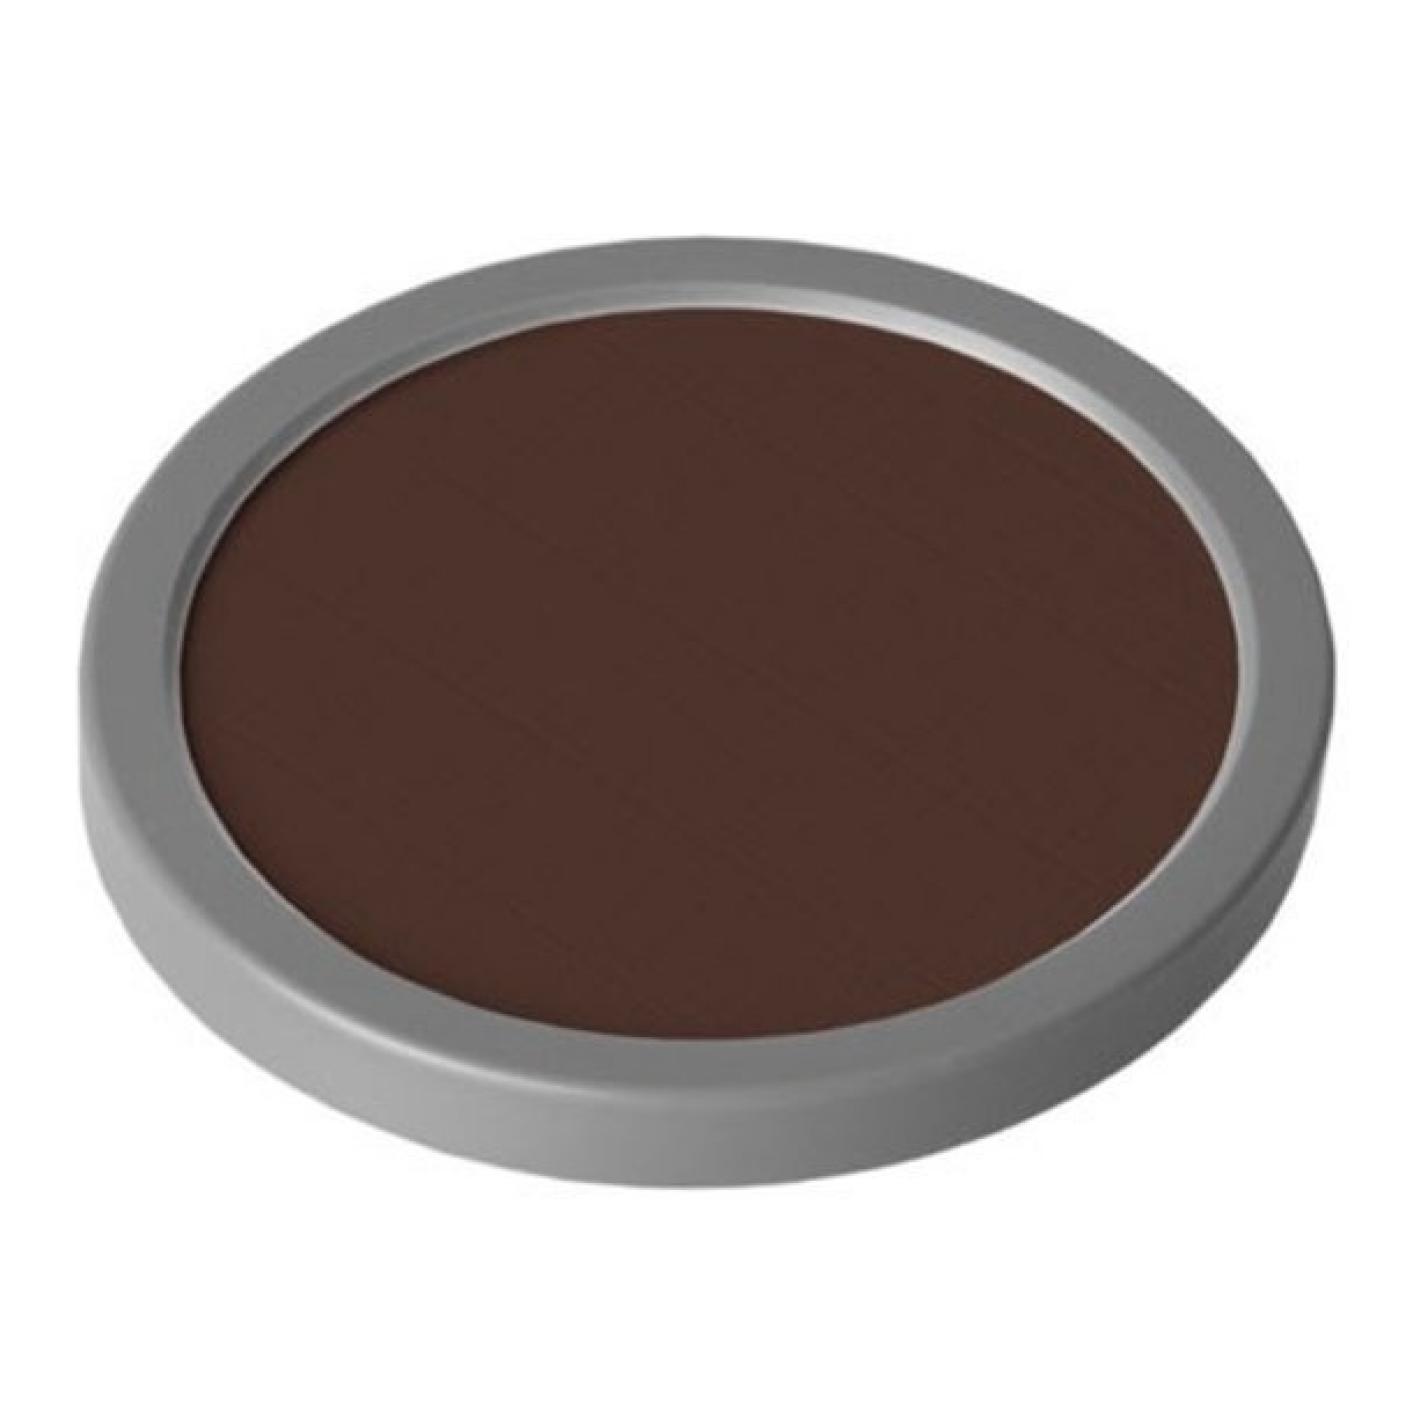 Cake make up - Donker bruin - N3 - 35 Gram